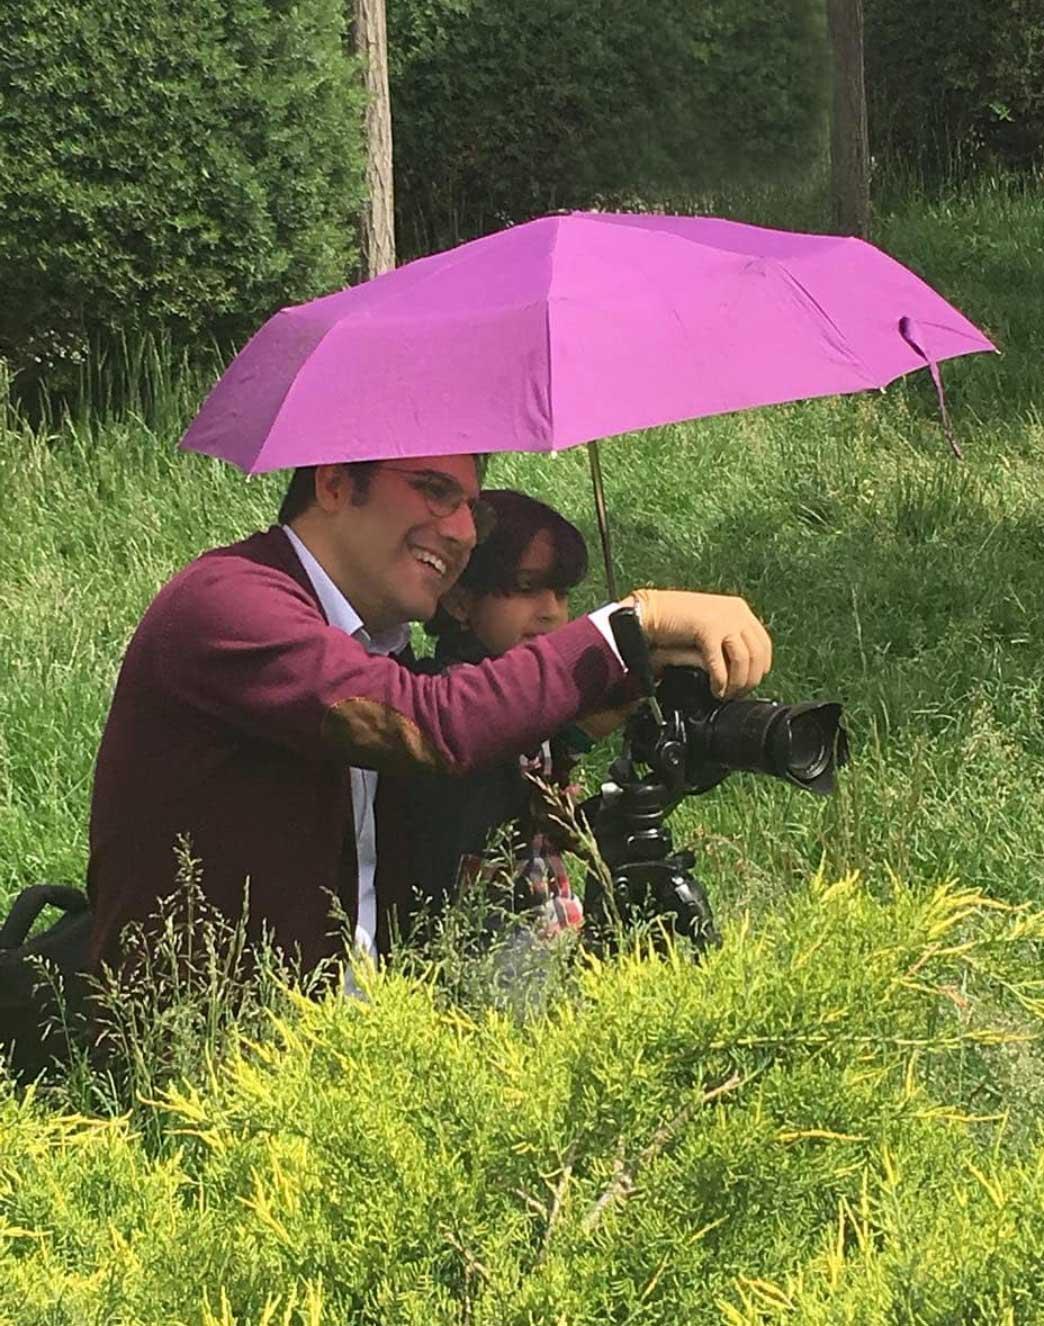 عکاسی تخصصی از کودک و نوزاد گریه بهزیستی کودکان کار حمایت از کودکان عکاس سهراب نعیمی آتلیه کودک باغ کودک